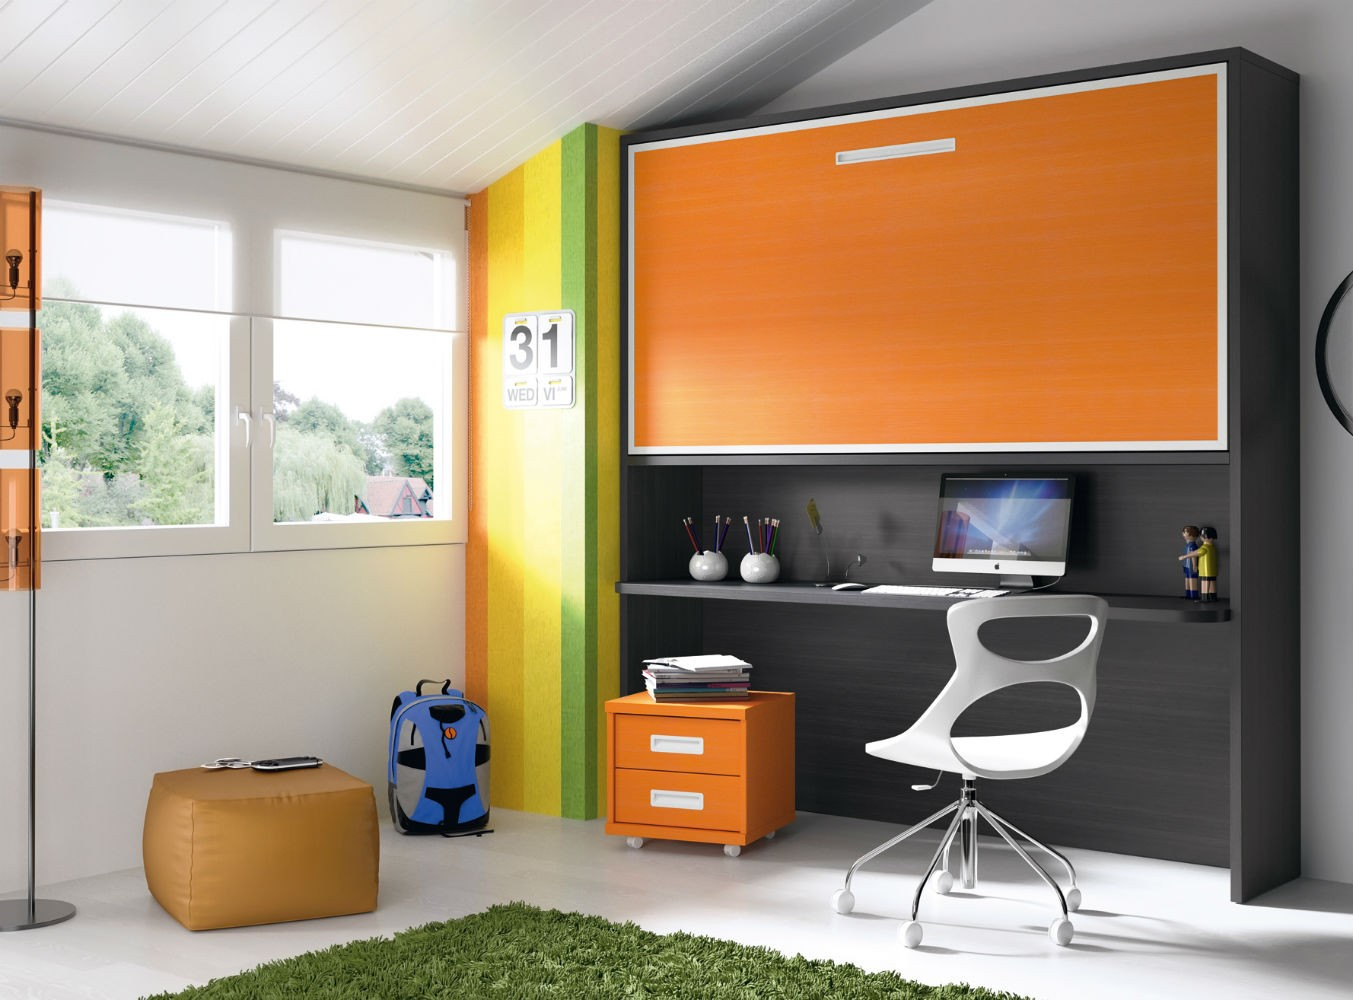 Dormitorio infantil juvenil moderno literas abatibles 69 f217 - Habitacion cama abatible ...